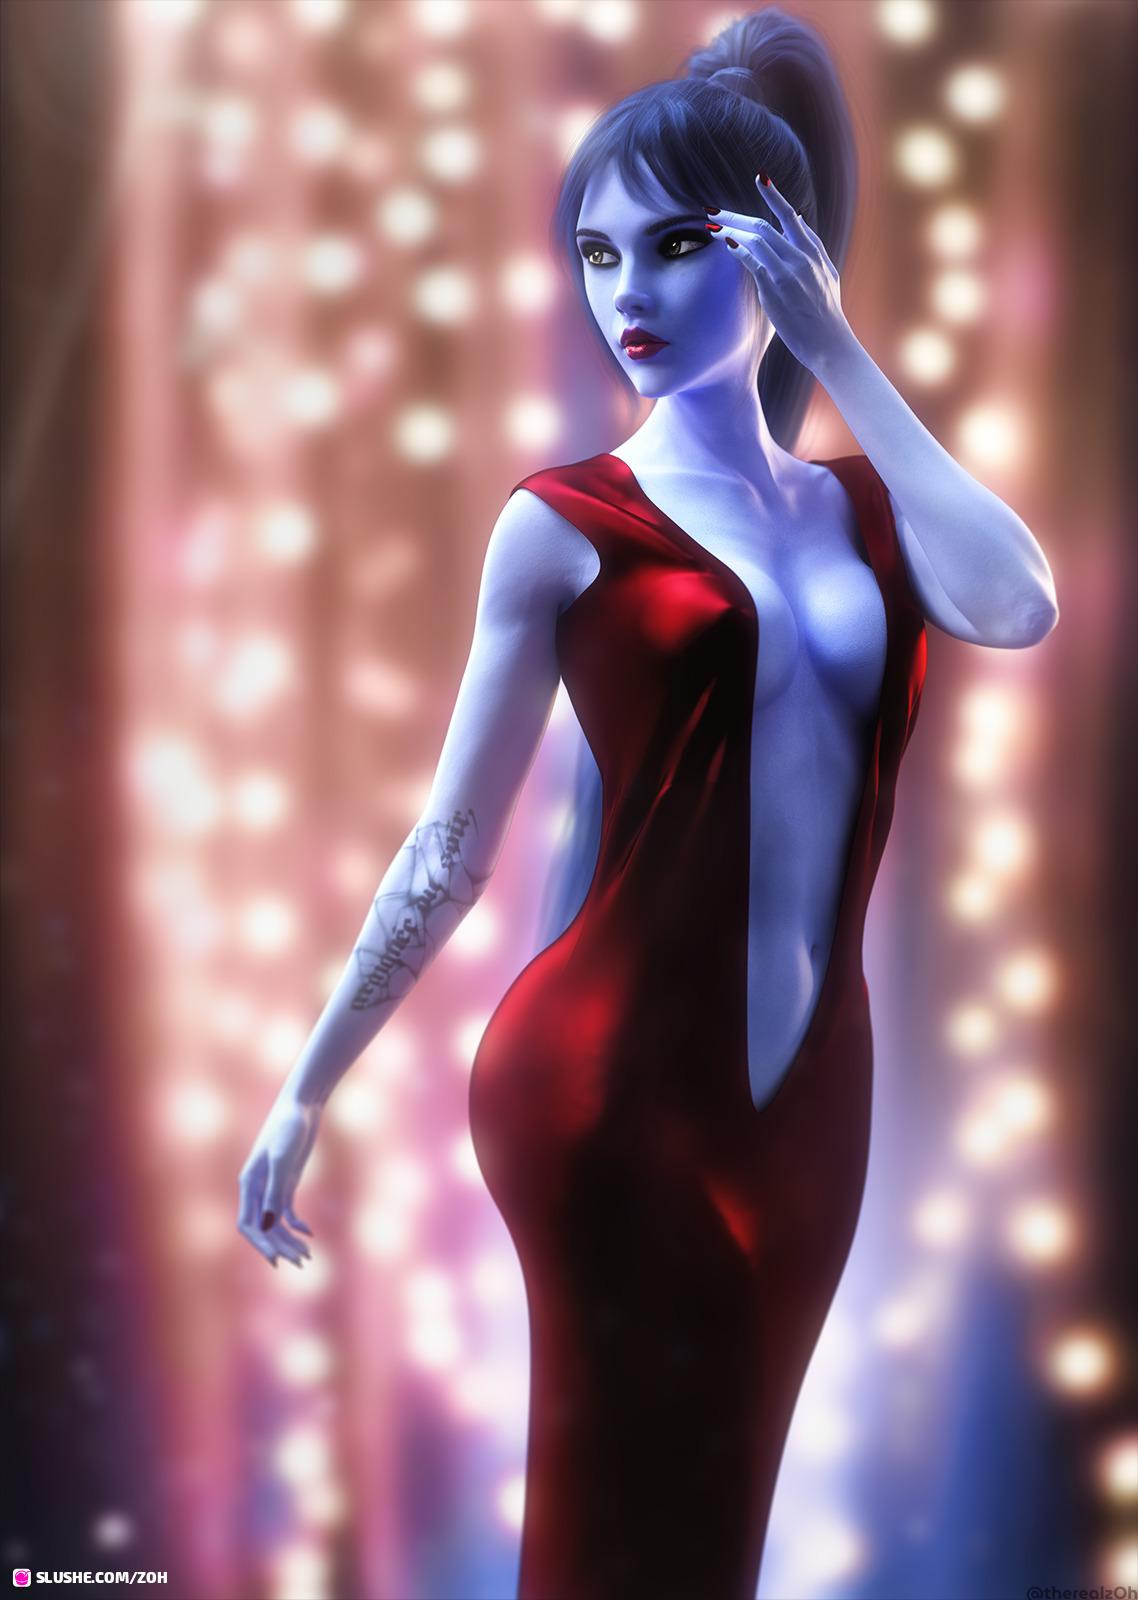 Widowmaker in a Red Dress